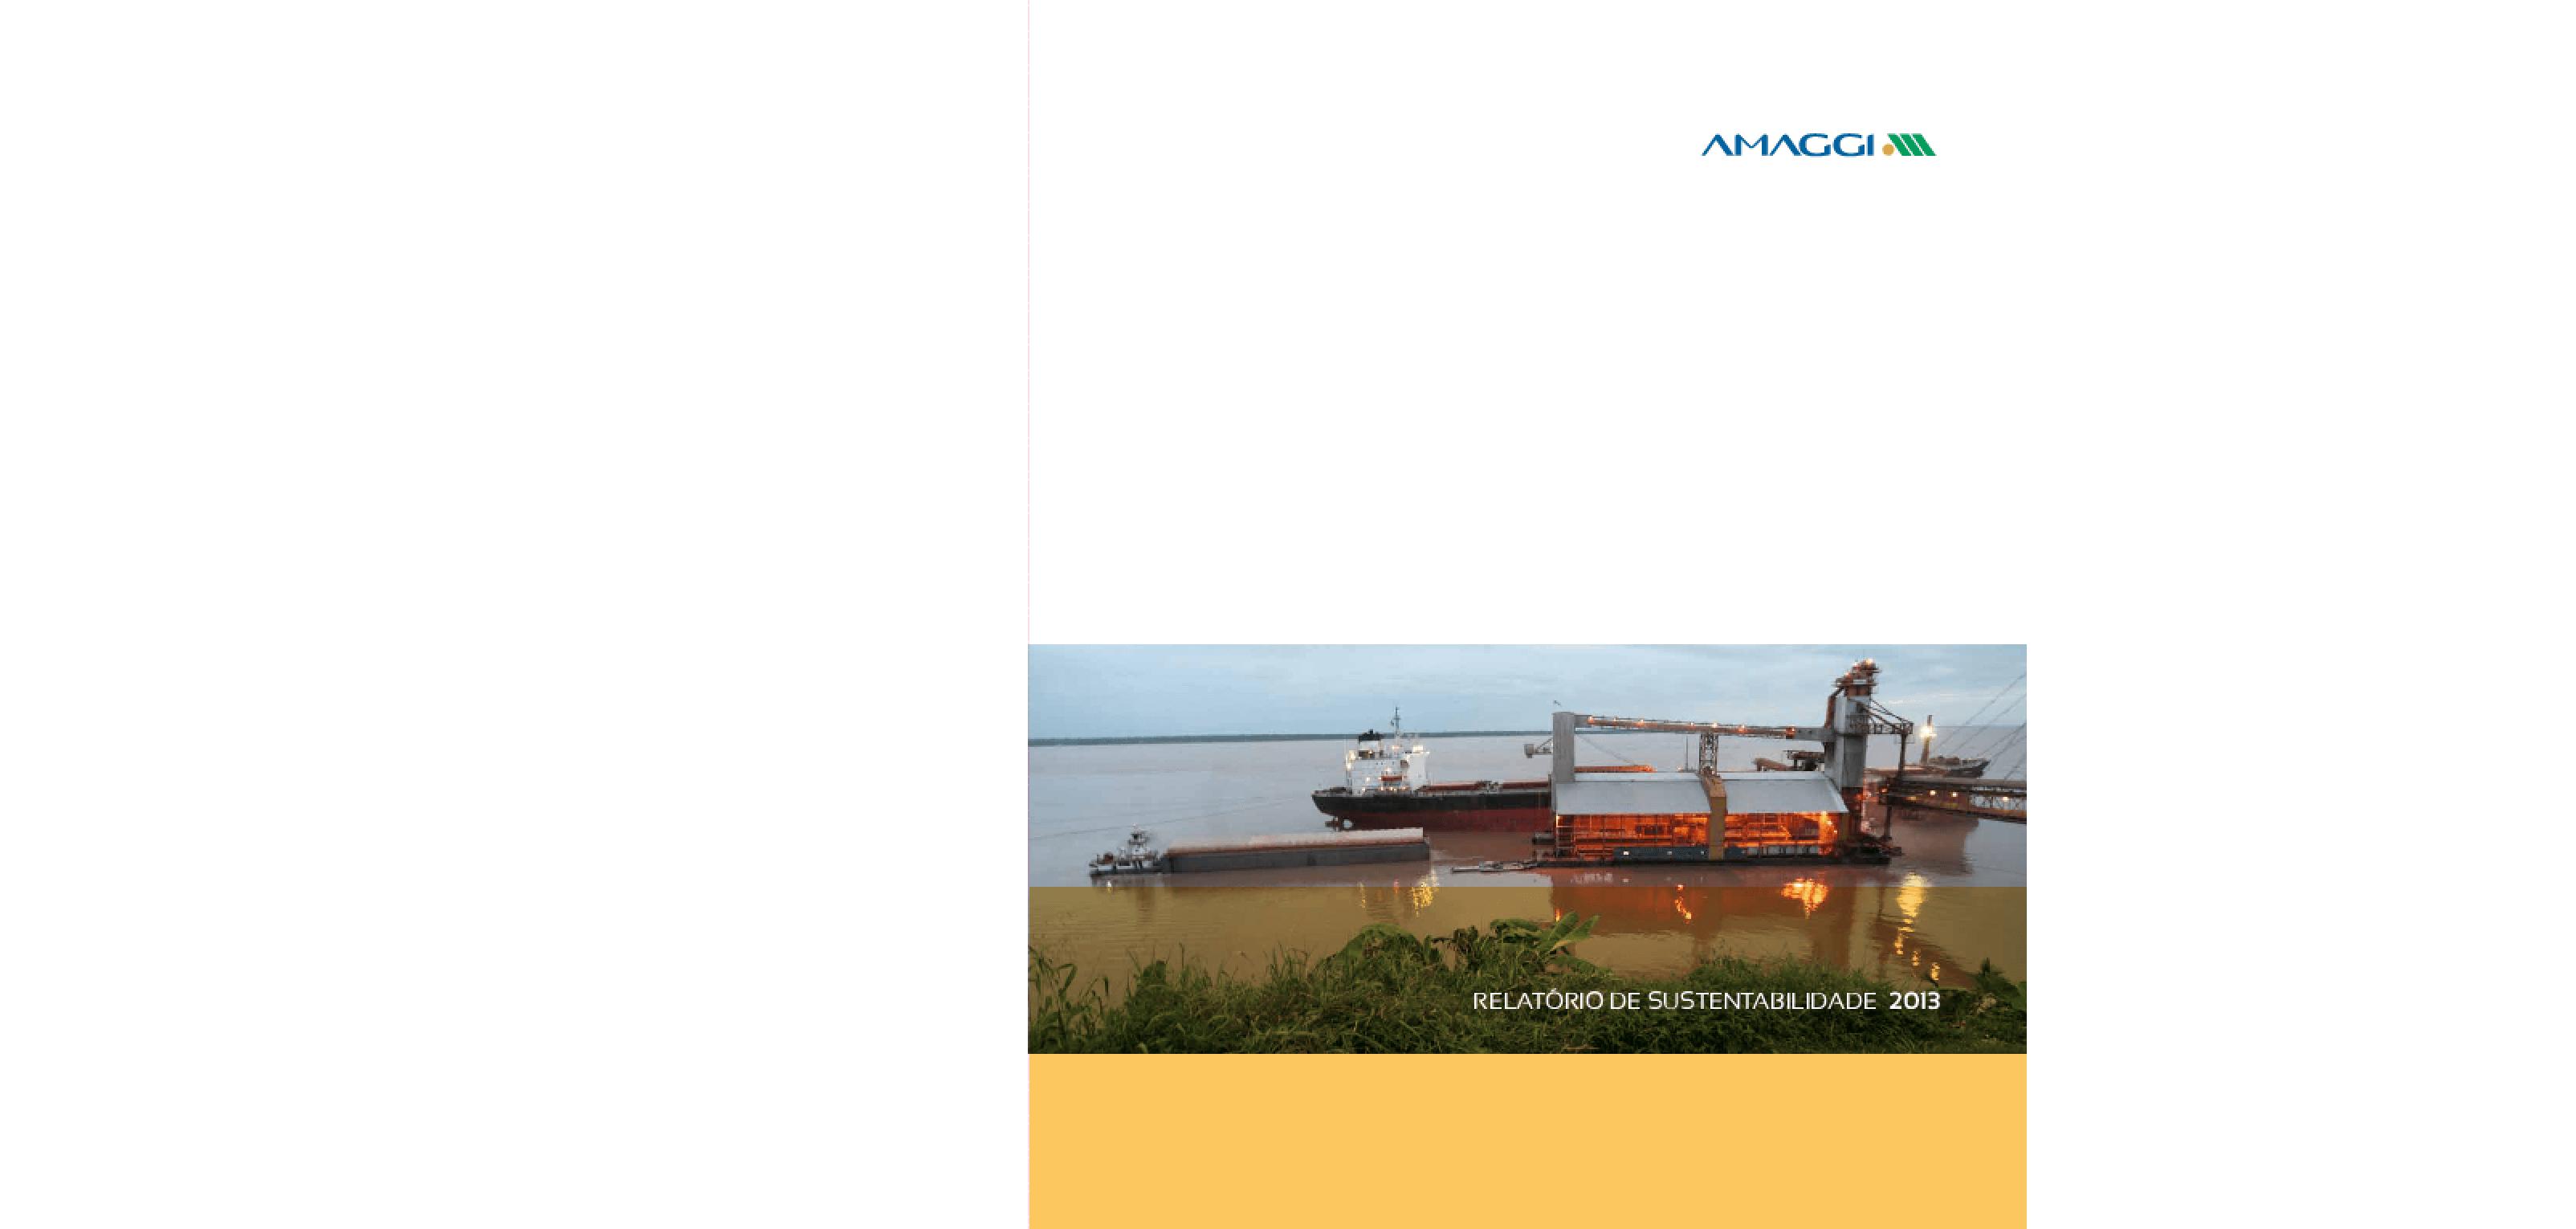 Relatório de sustentabilidade 2013 -- André Maggi